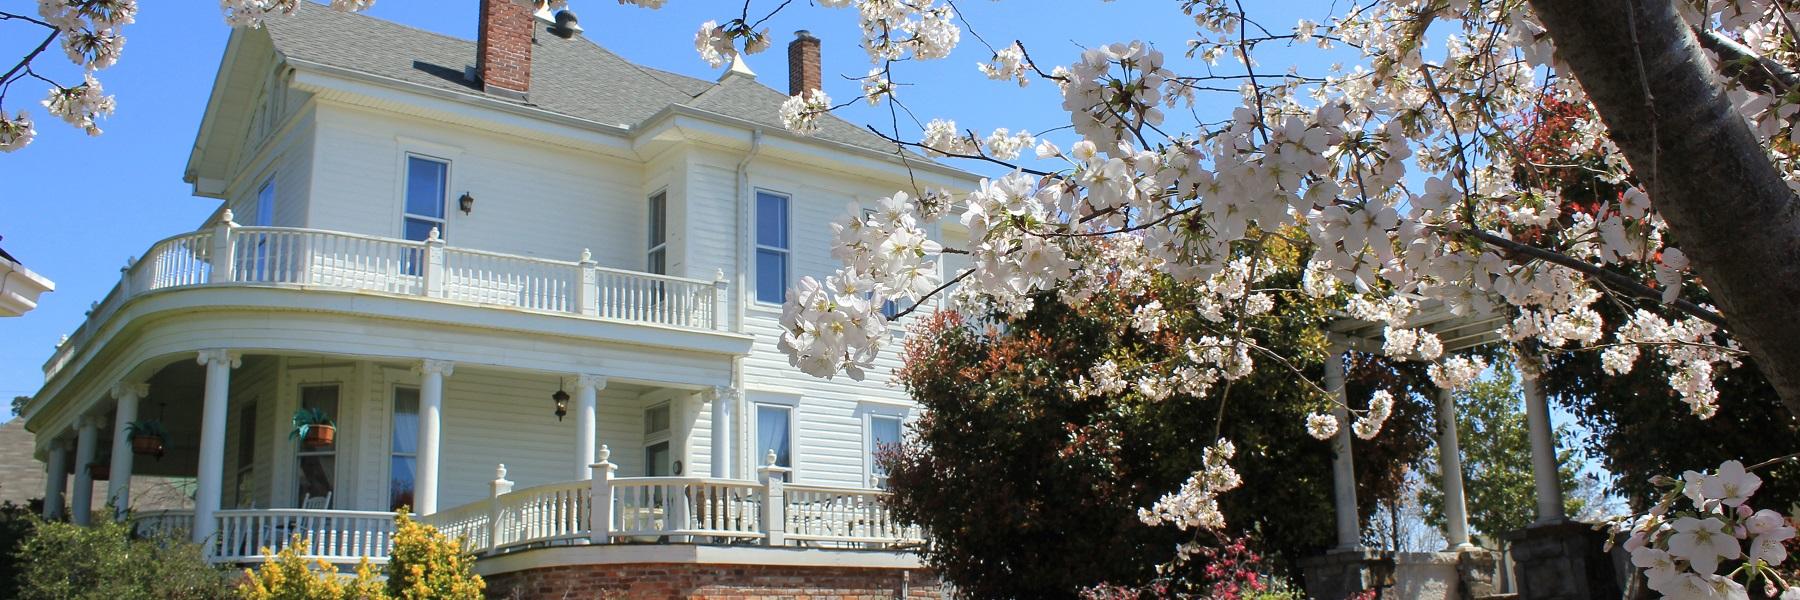 Spring Street Inn Luxury Bed And Breakfast In Hot Springs Arkansas